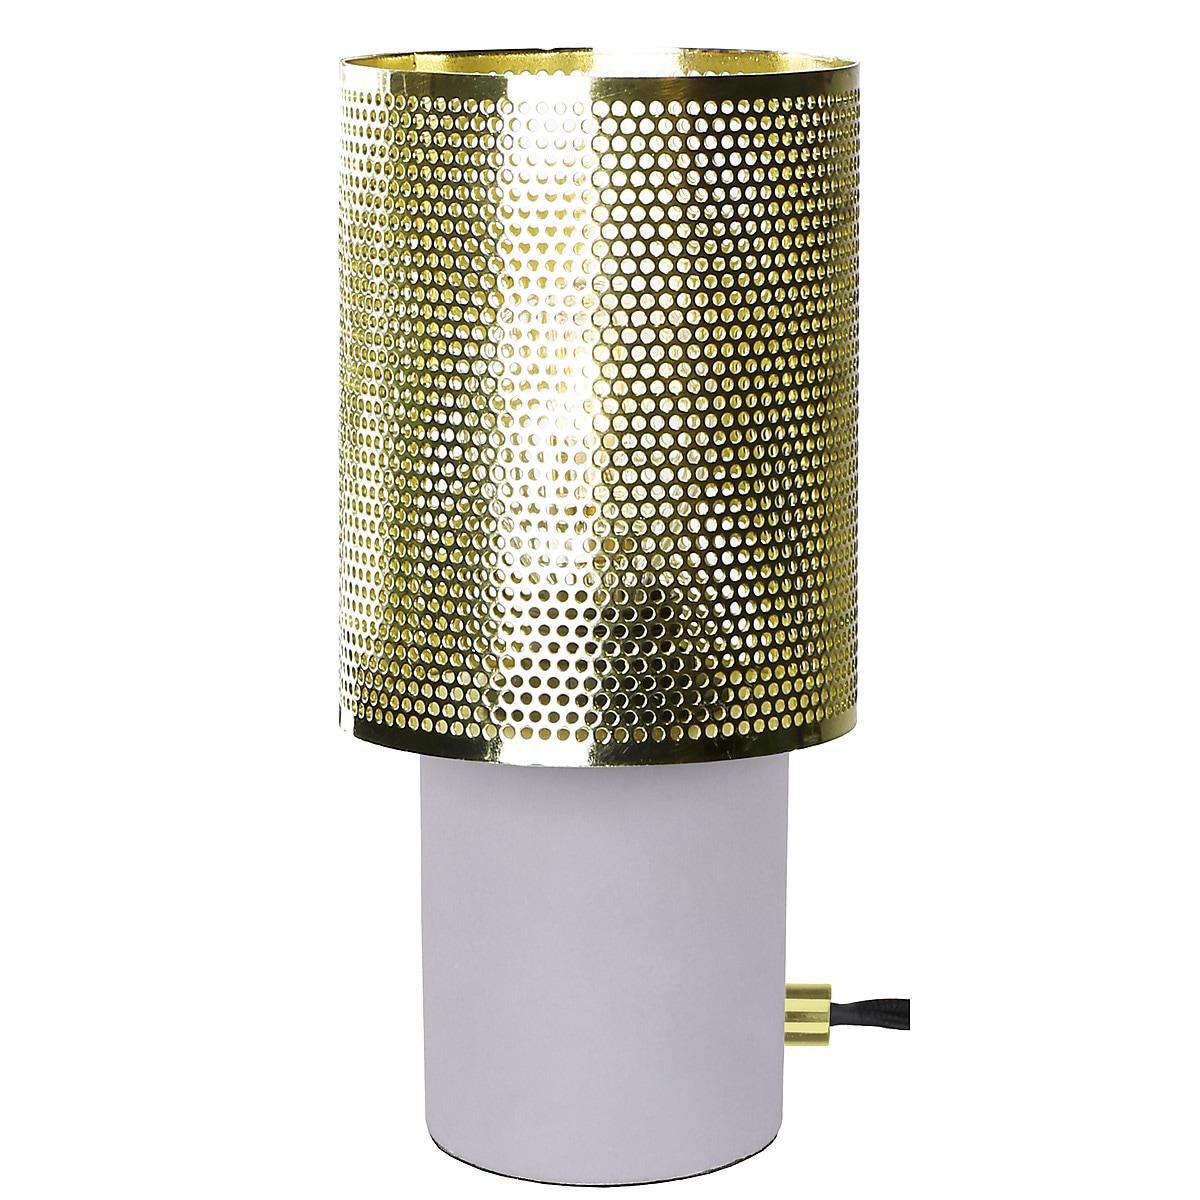 Pöytävalaisin Rumble Globen Lighting